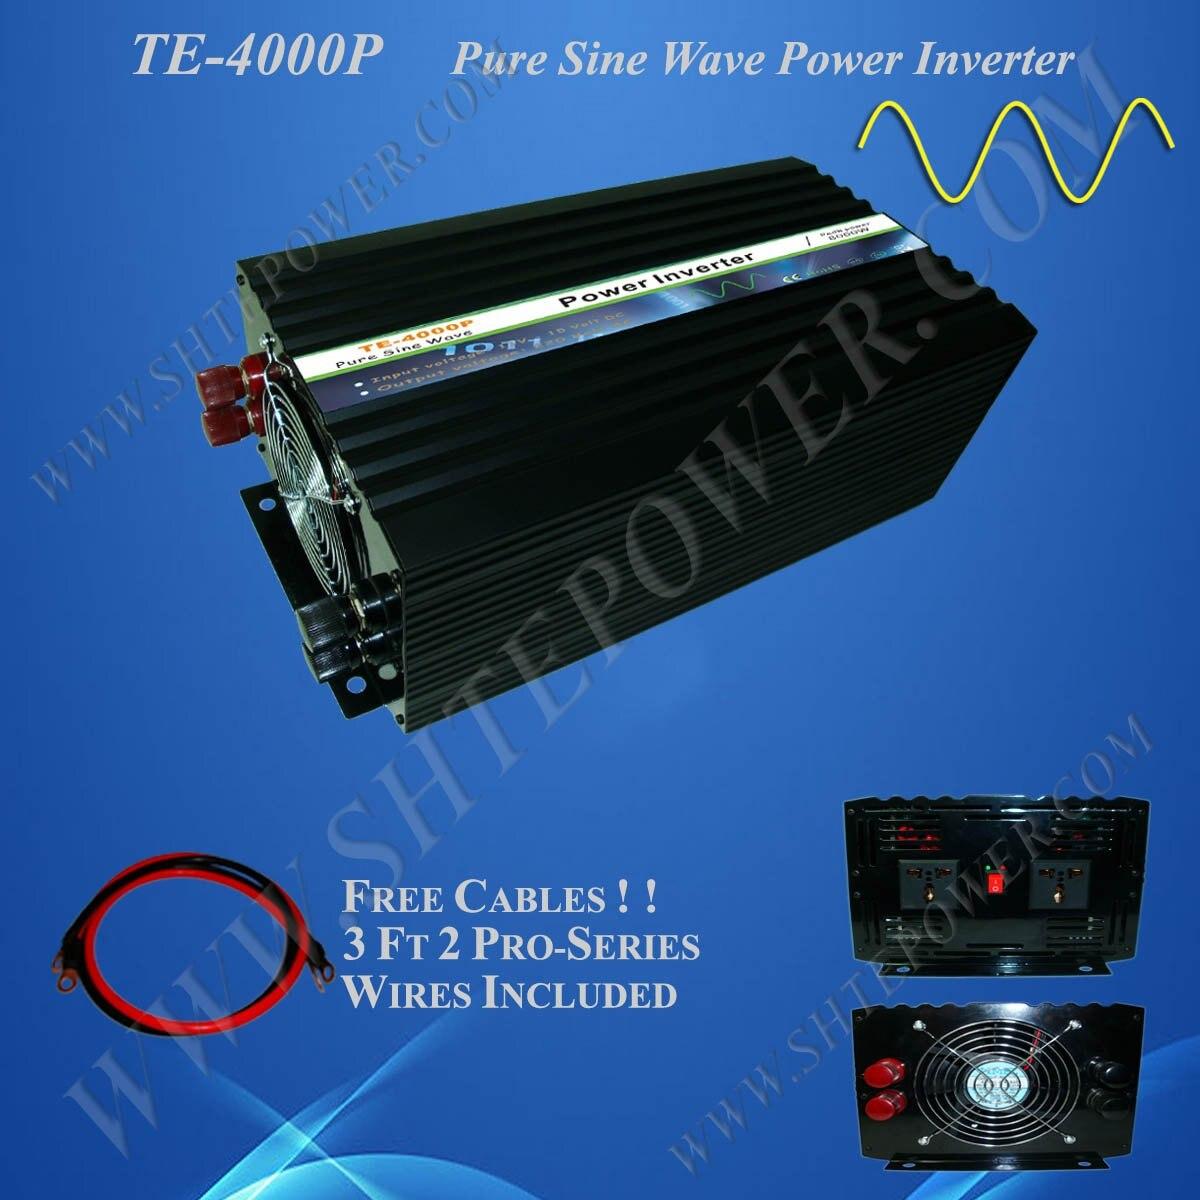 24v 230v 4000w inverter 230v power inverter 24v 4kw solar inverter 24v 230v 4000w inverter 230v power inverter 24v 4kw solar inverter